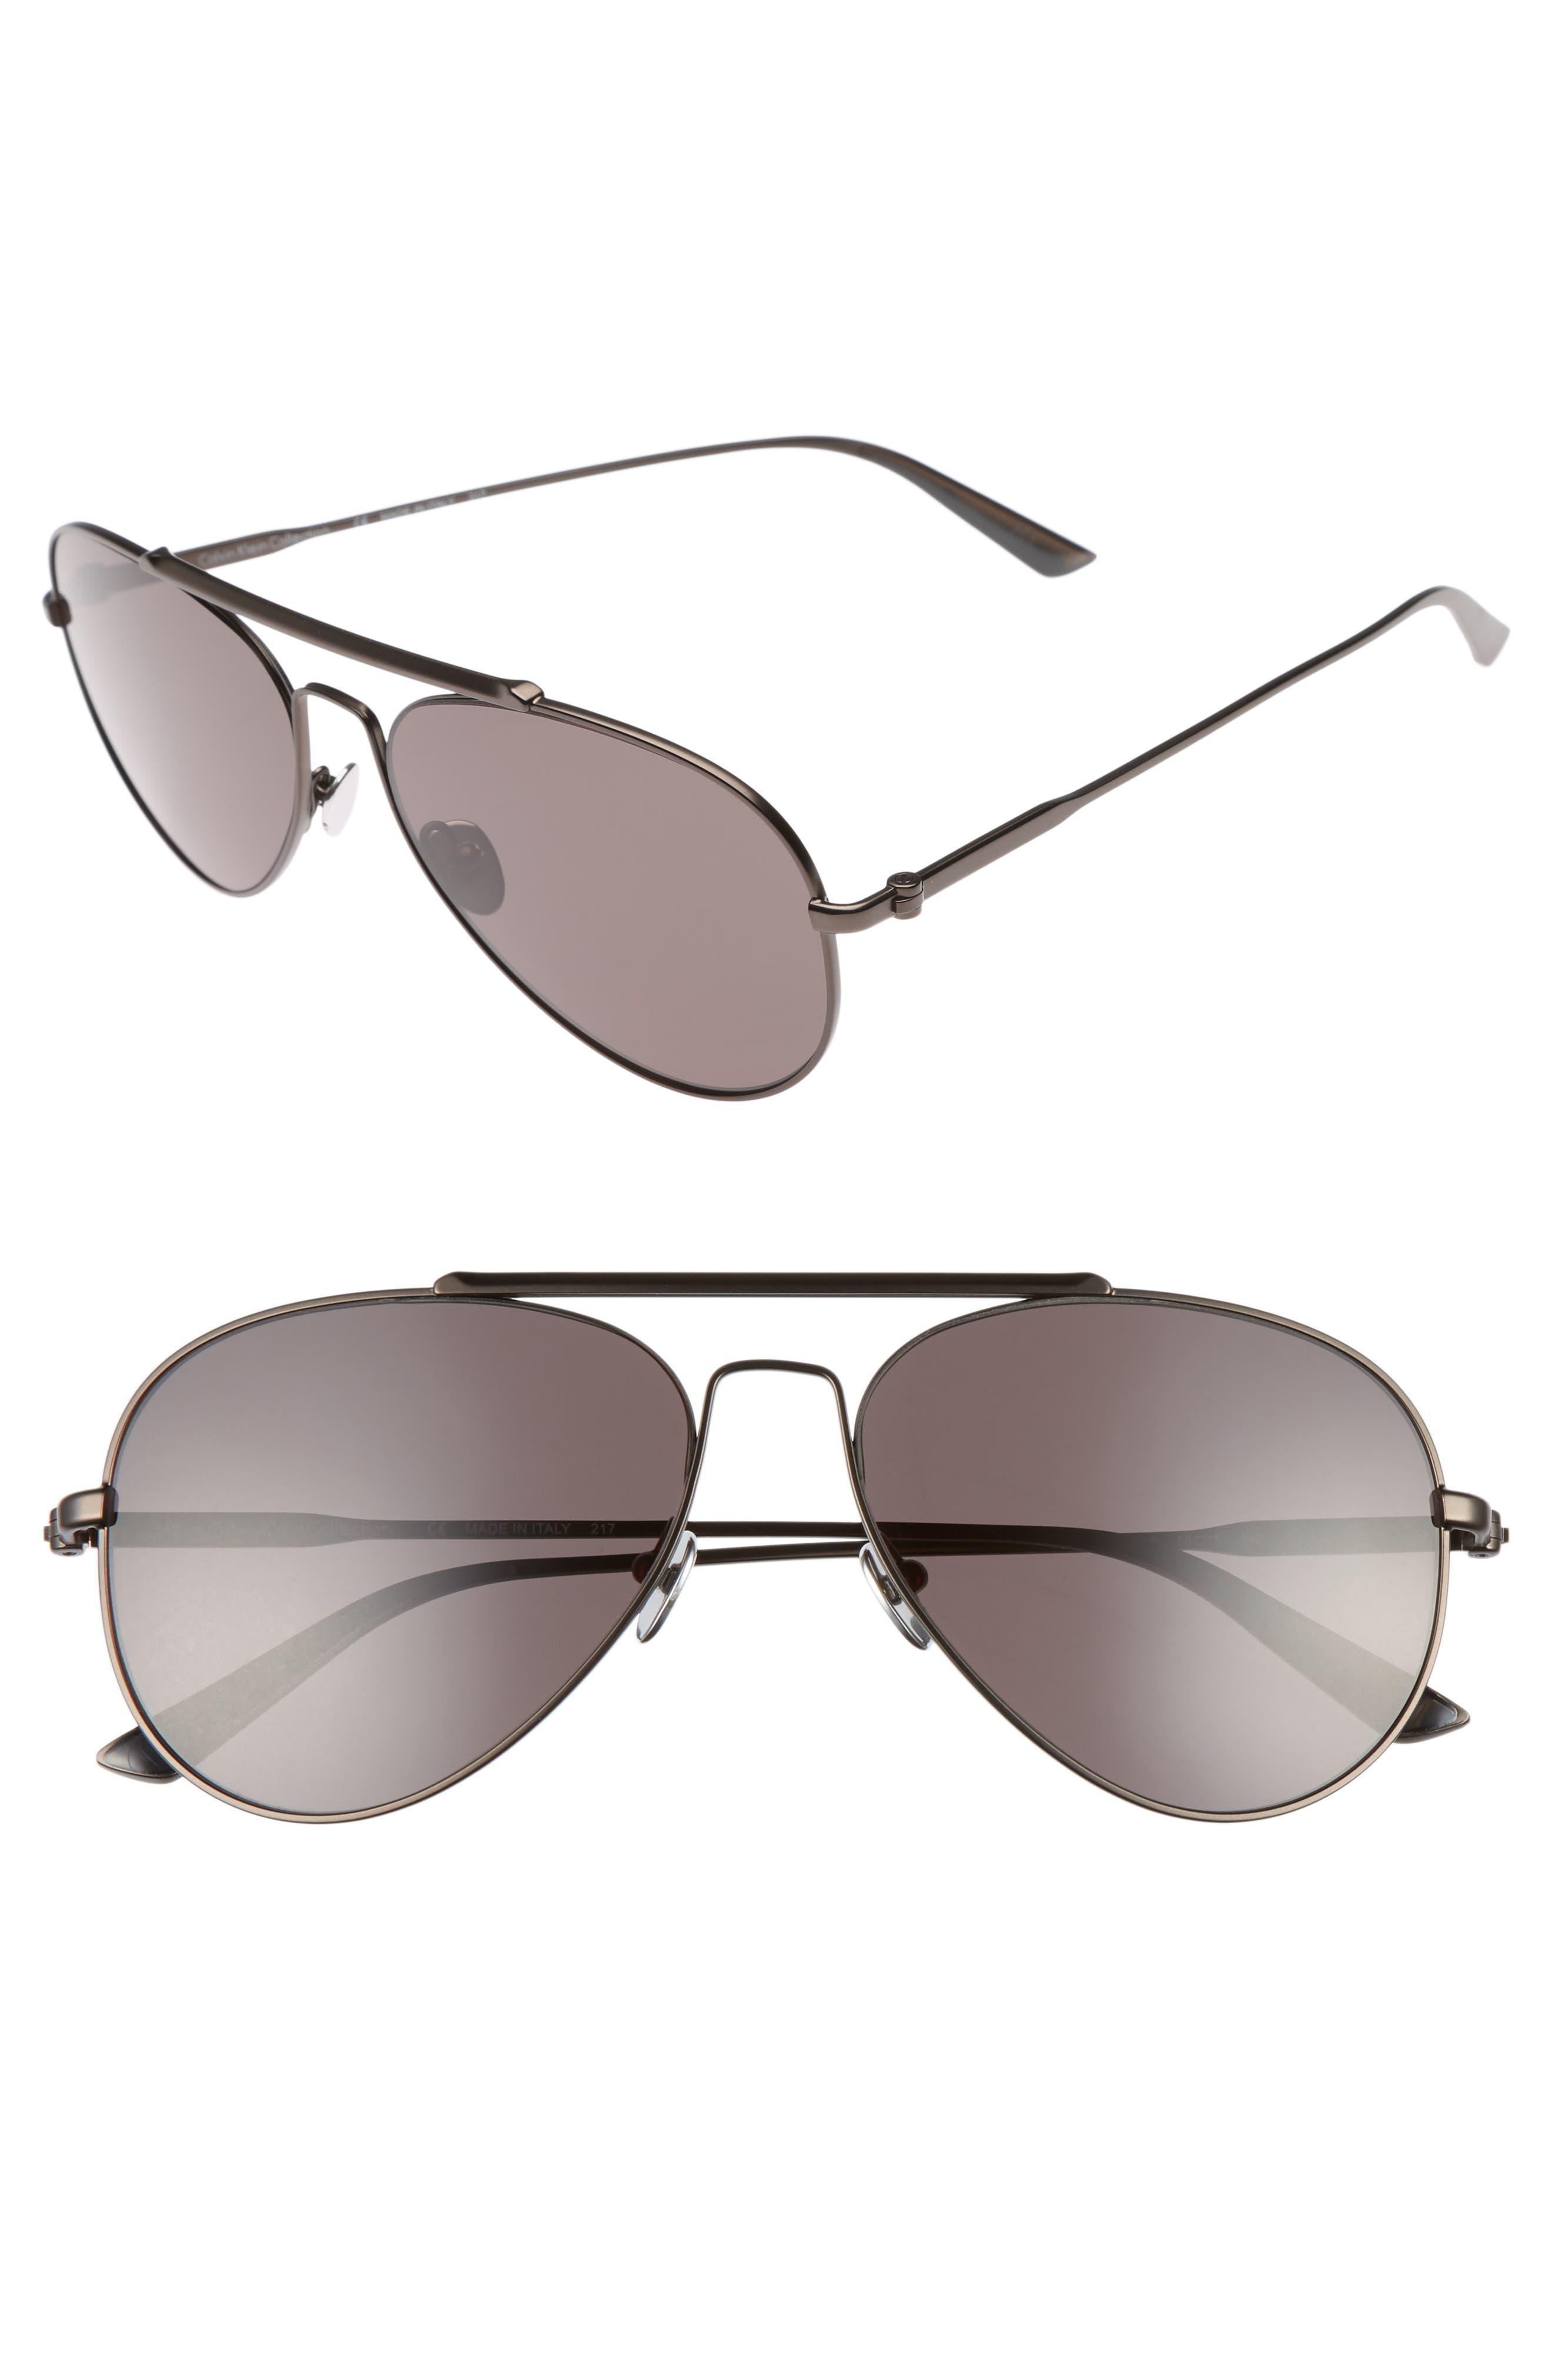 58mm Aviator Sunglasses,                         Main,                         color, Satin Titanium